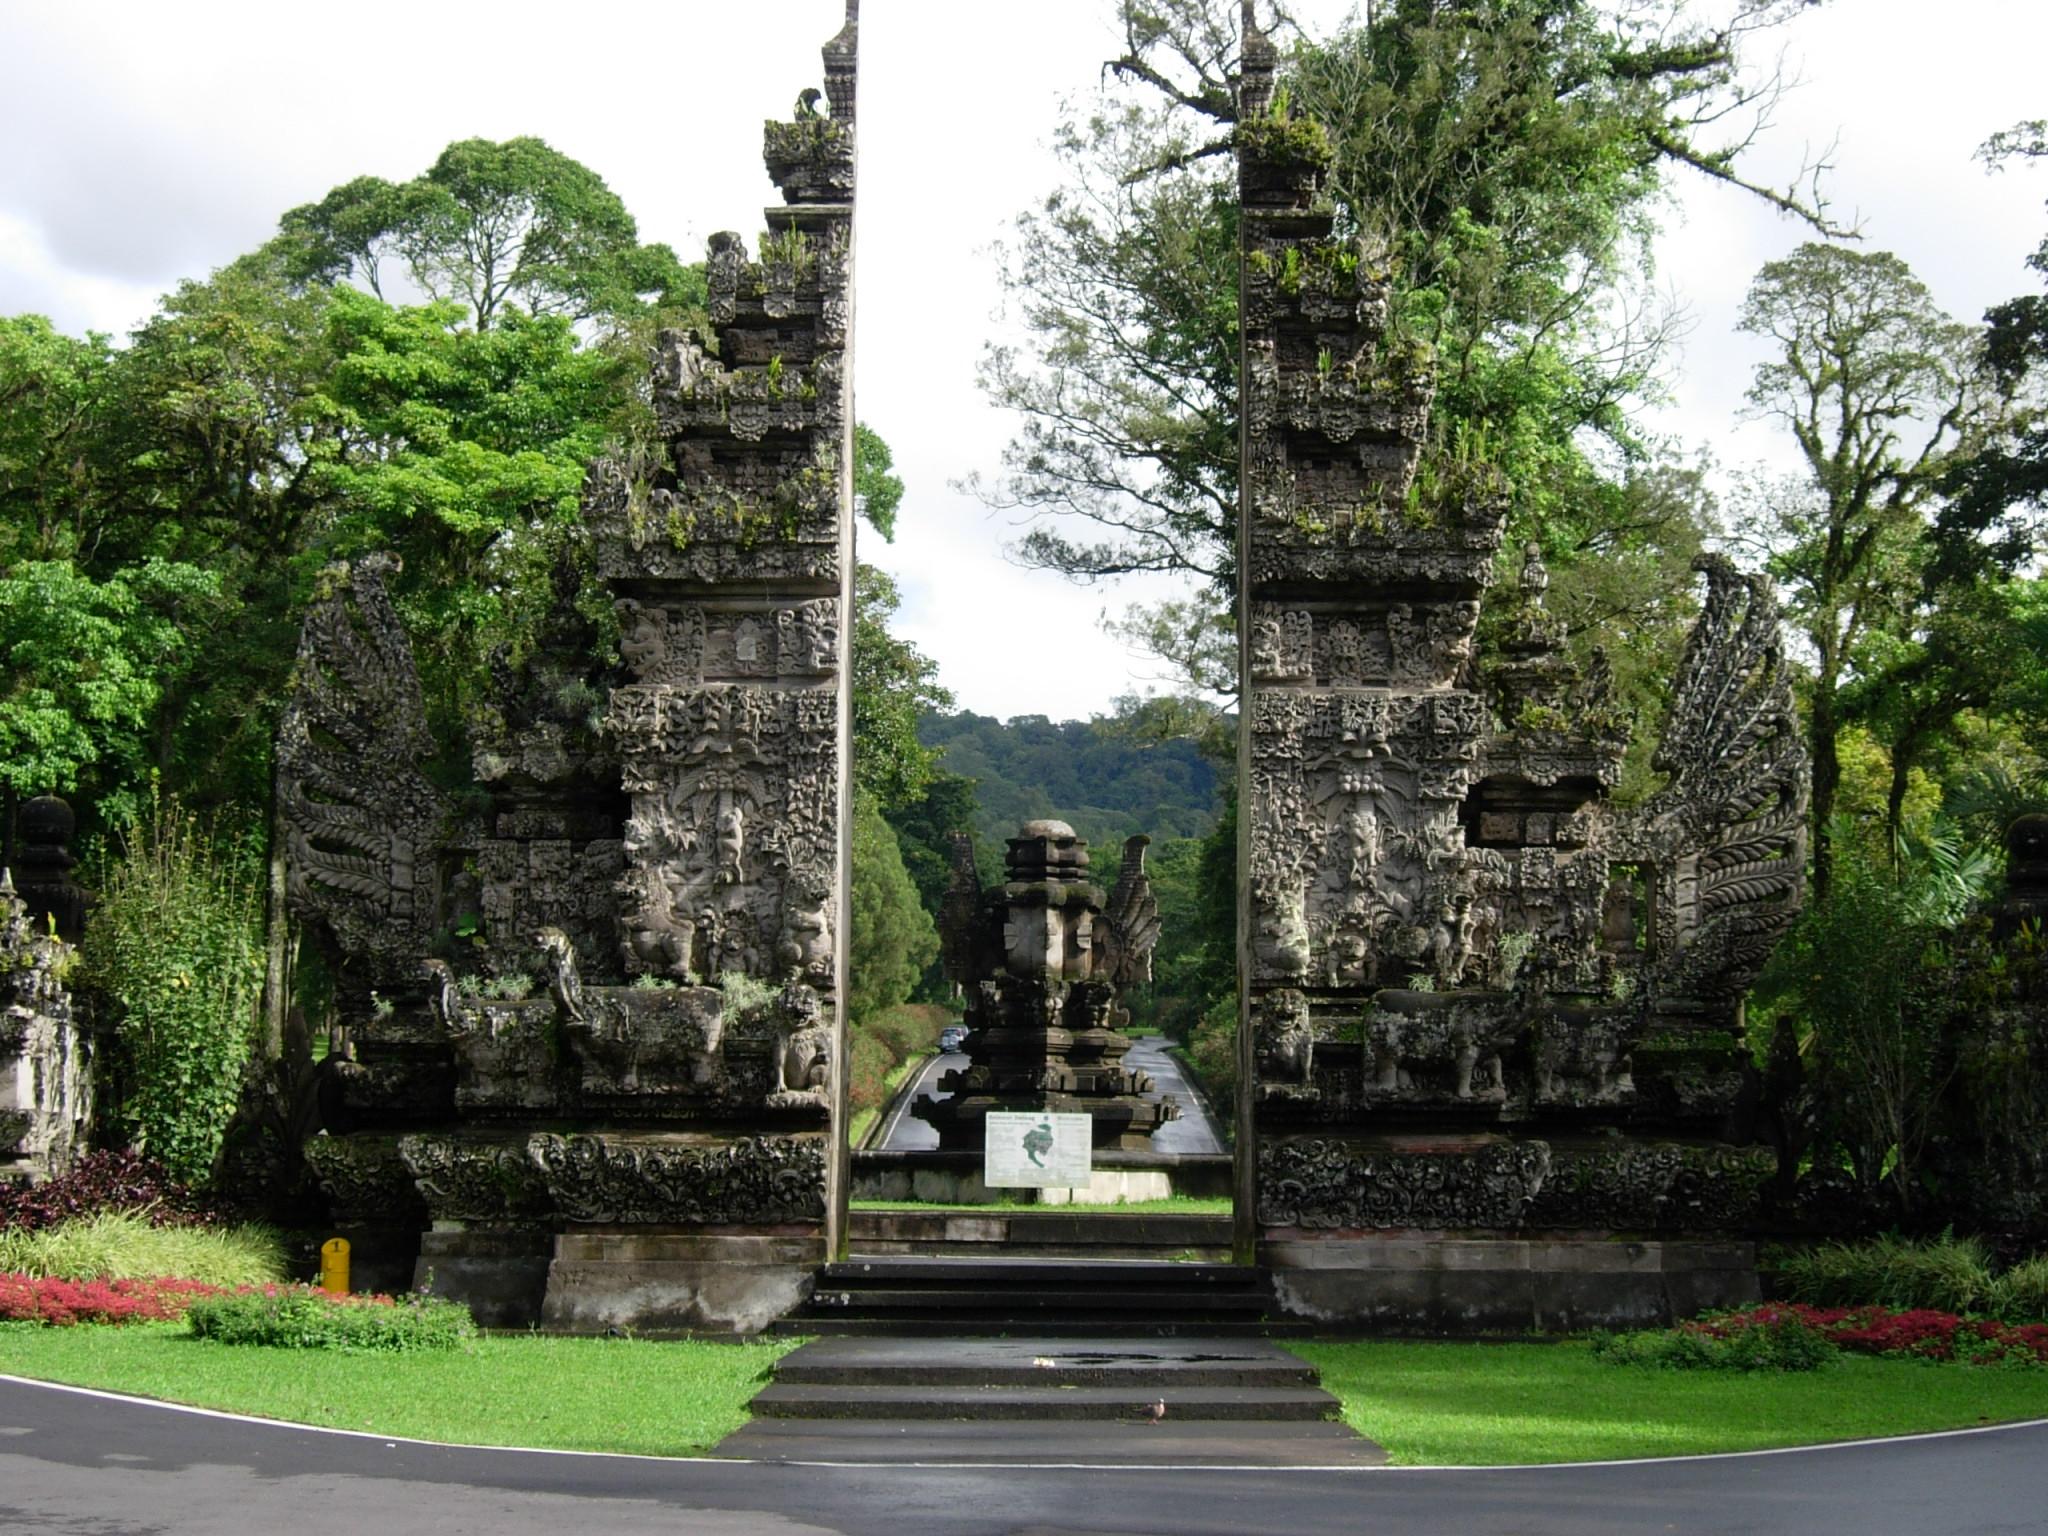 باغ گیاه شناسی بالی در اندونزی